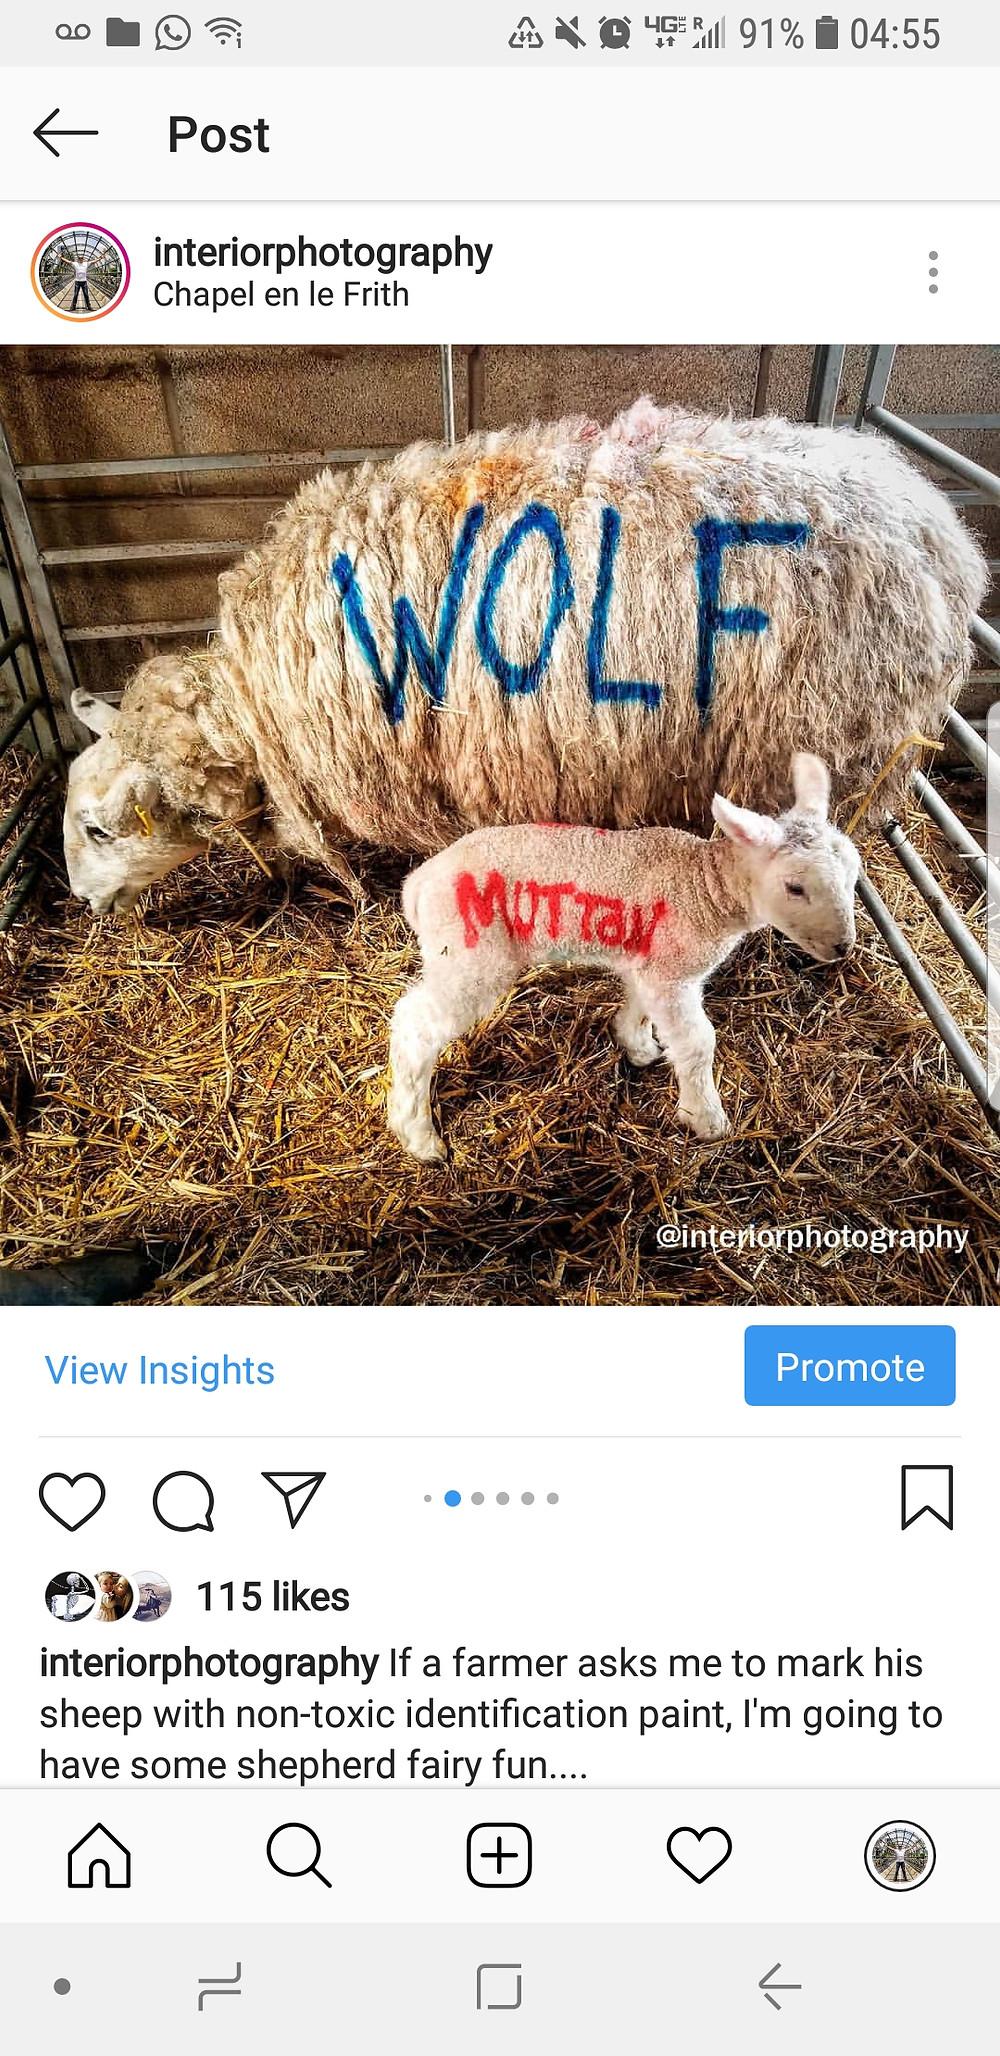 Instagram post- interiorphotography: wolf, muttan